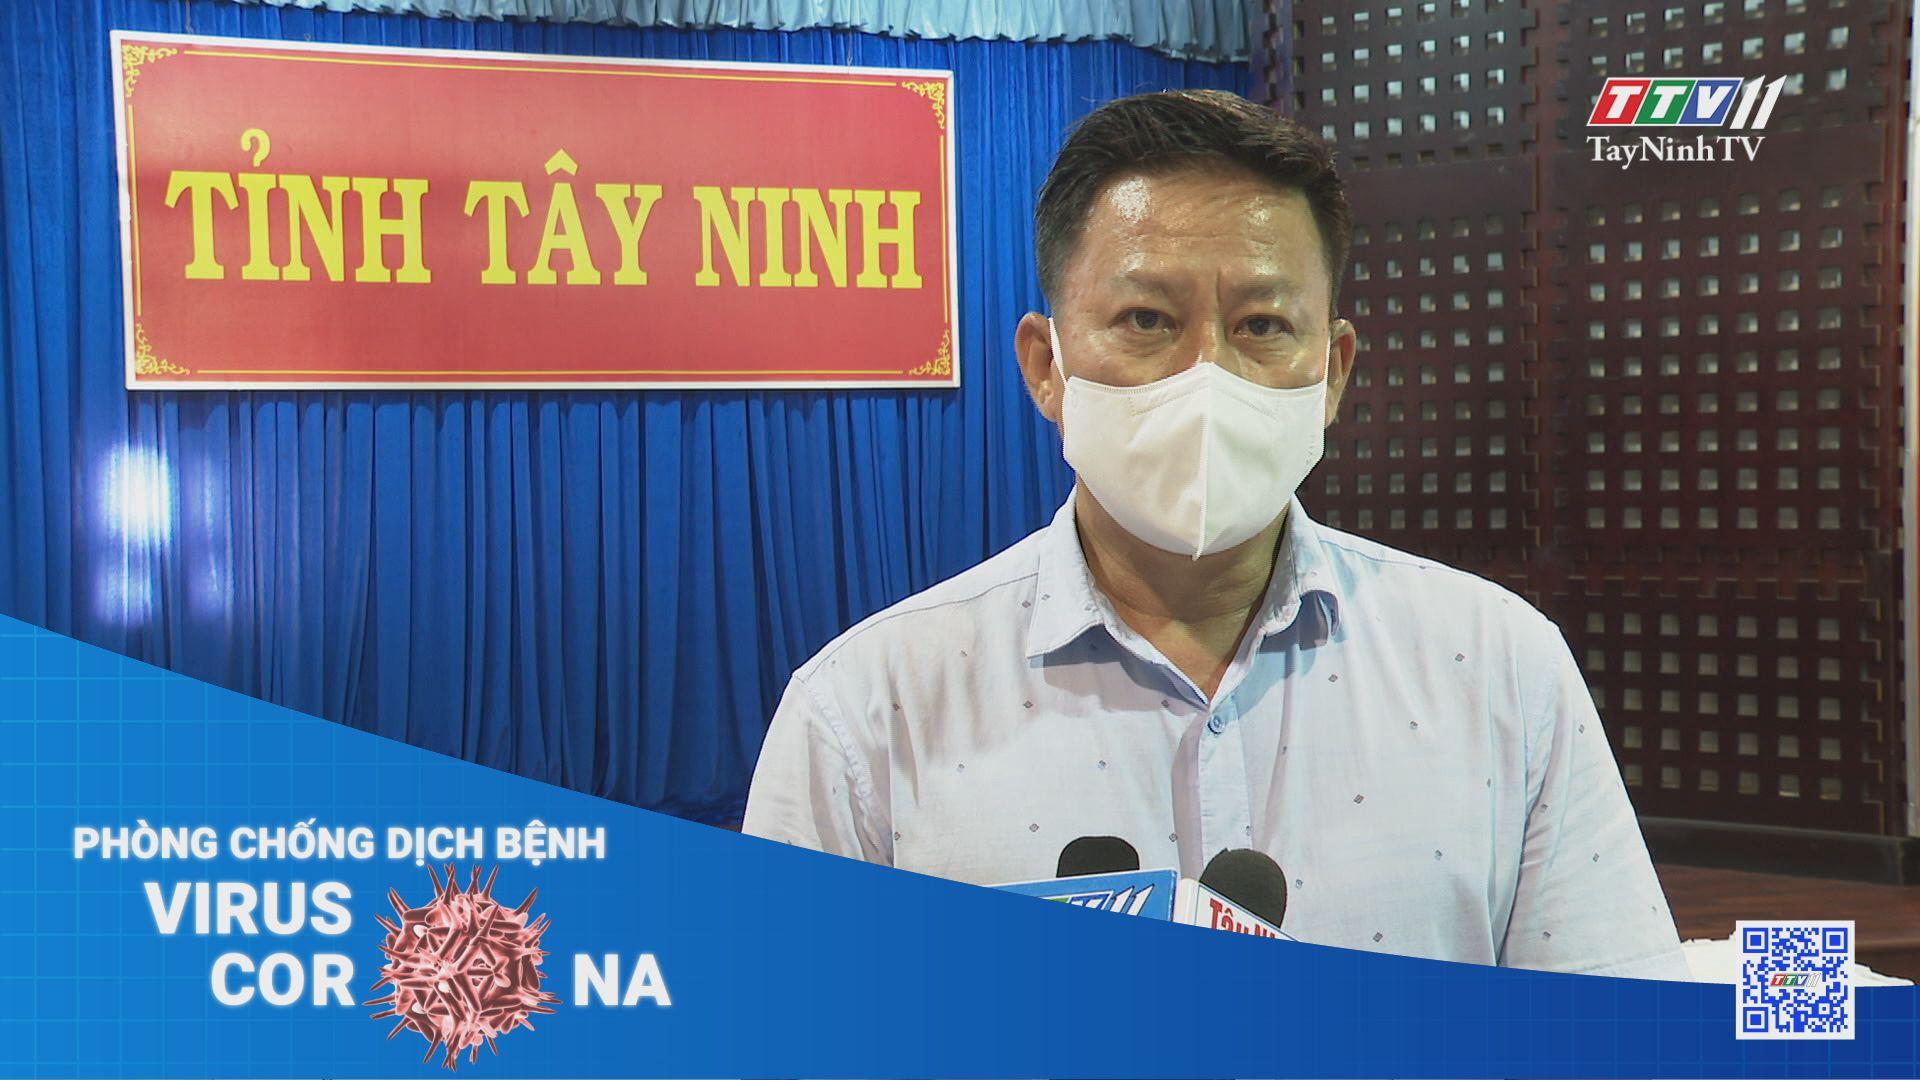 Lãnh đạo tỉnh thông tin về tình hình dịch bệnh Covid-19 trên địa bàn tỉnh Tây Ninh | THÔNG TIN DỊCH COVID-19 | TayNinhTV